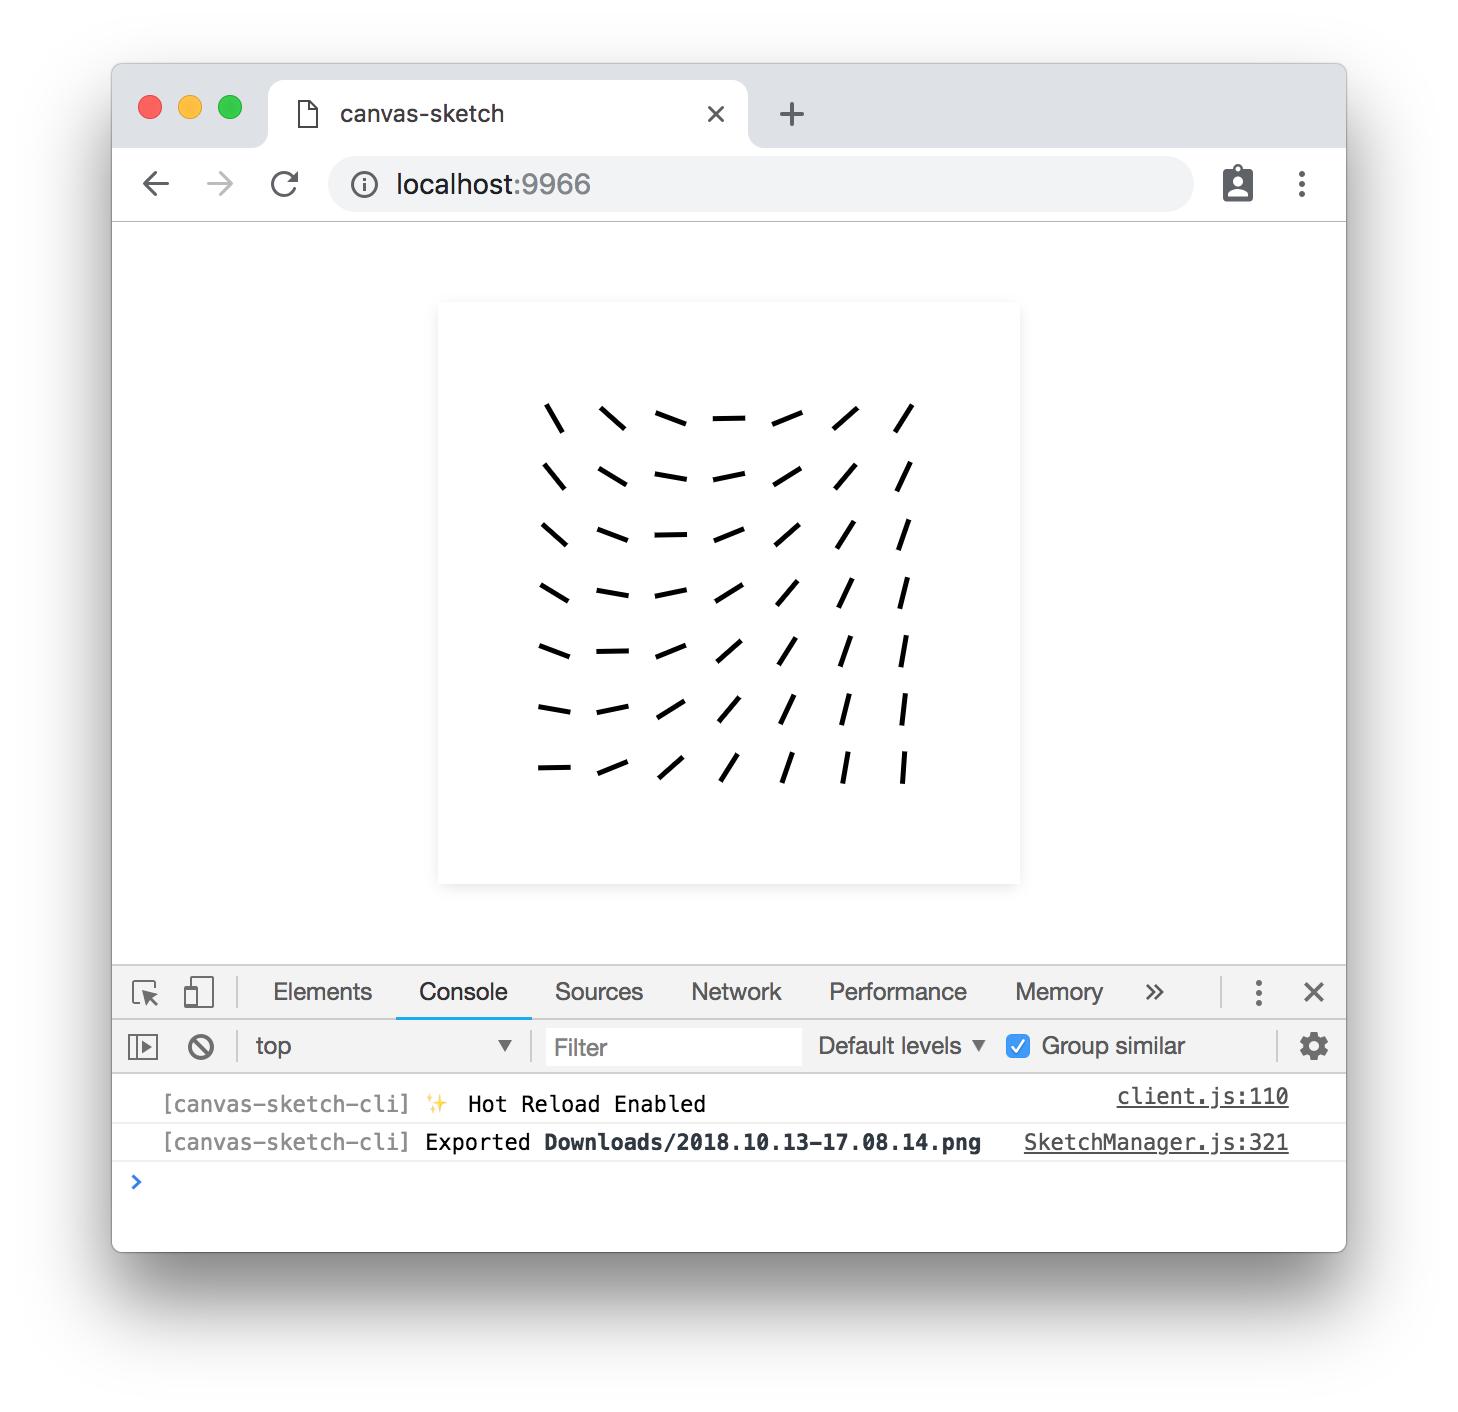 canvas-sketch - npm